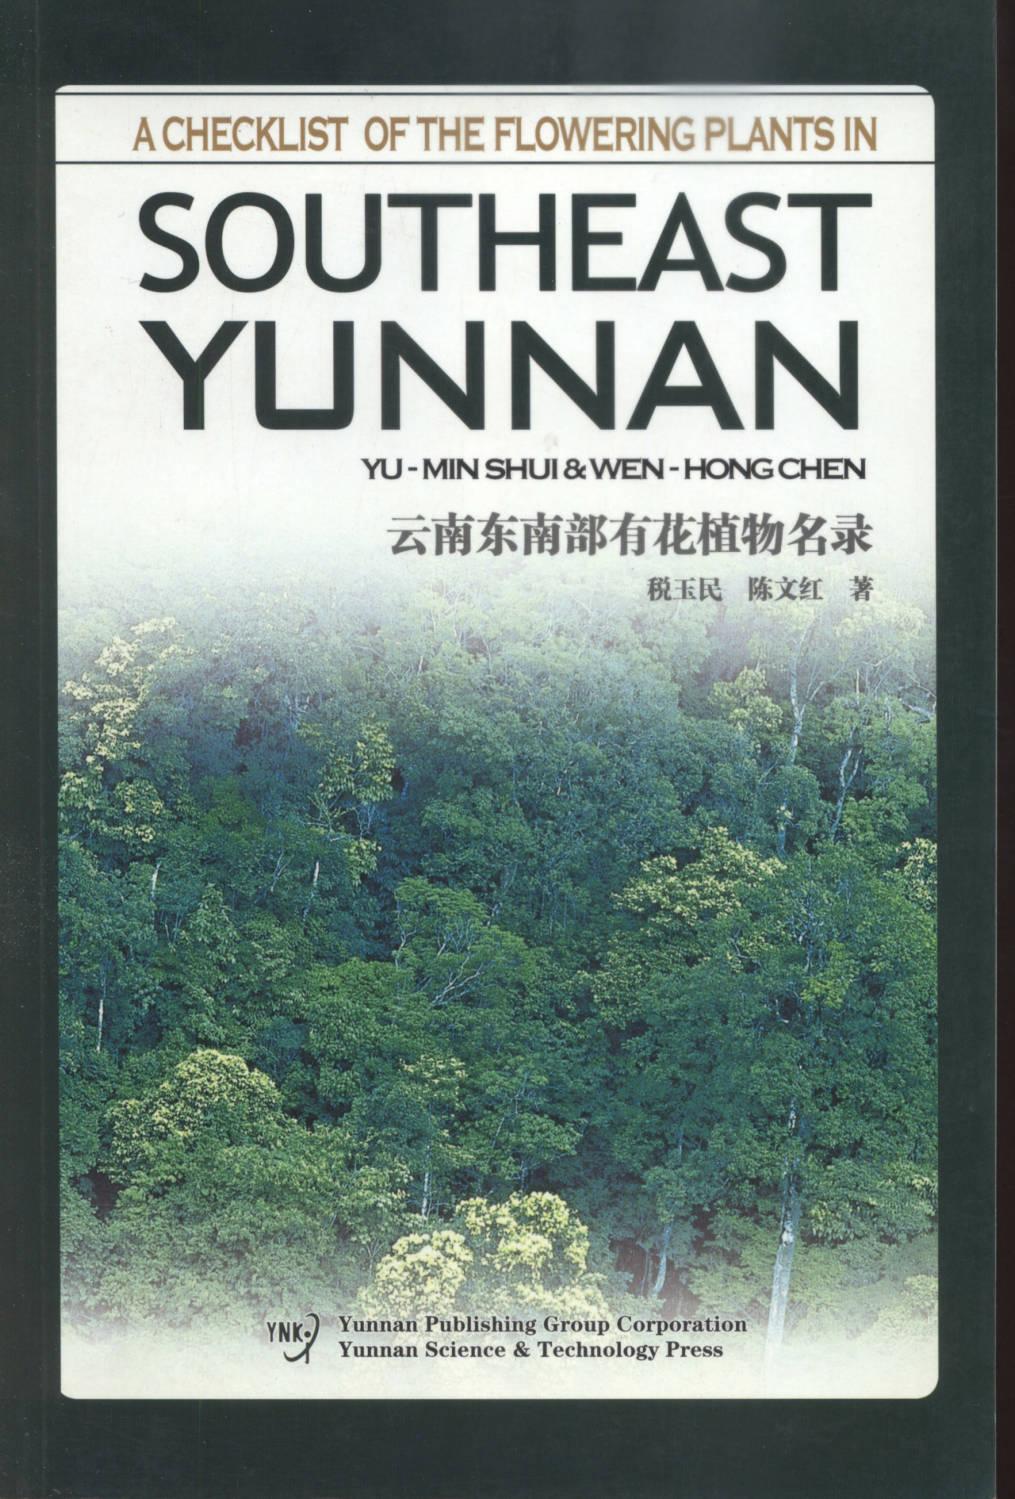 云南东南部有花植物名录 A CHECKLIST OF THE FLOWERING PLANTS IN SOUTHEAST YUNNAN